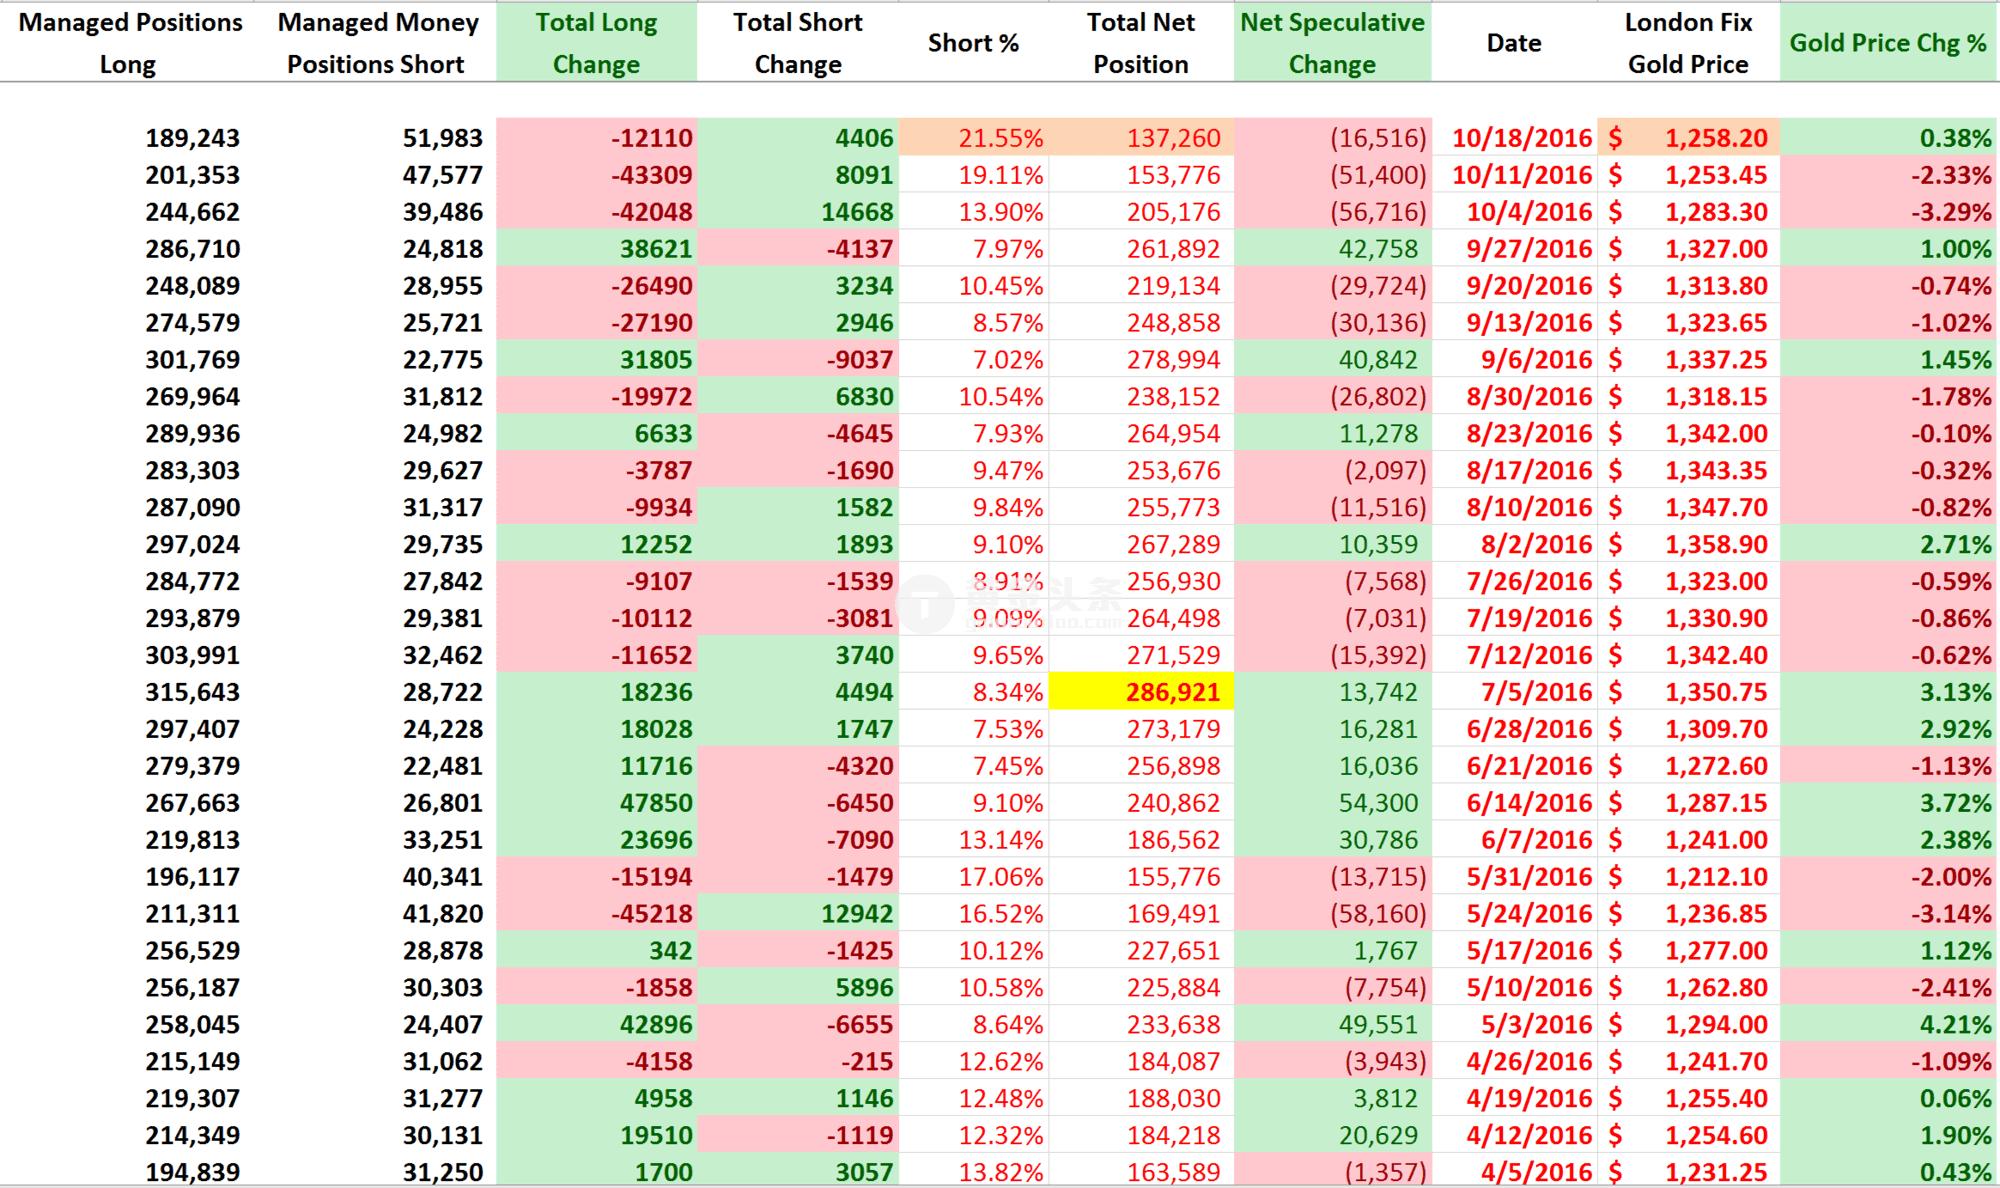 """最令人感兴趣的是,尽管黄金净多仓减少,但金价在这一周反弹。这样的情况并不多见,仅仅在今年发生过两次。上一次COT报告出现这样的""""背离""""发生在2016/4/5,此后一周金价出现上涨行情,当时金价出现技术上看涨形态。"""